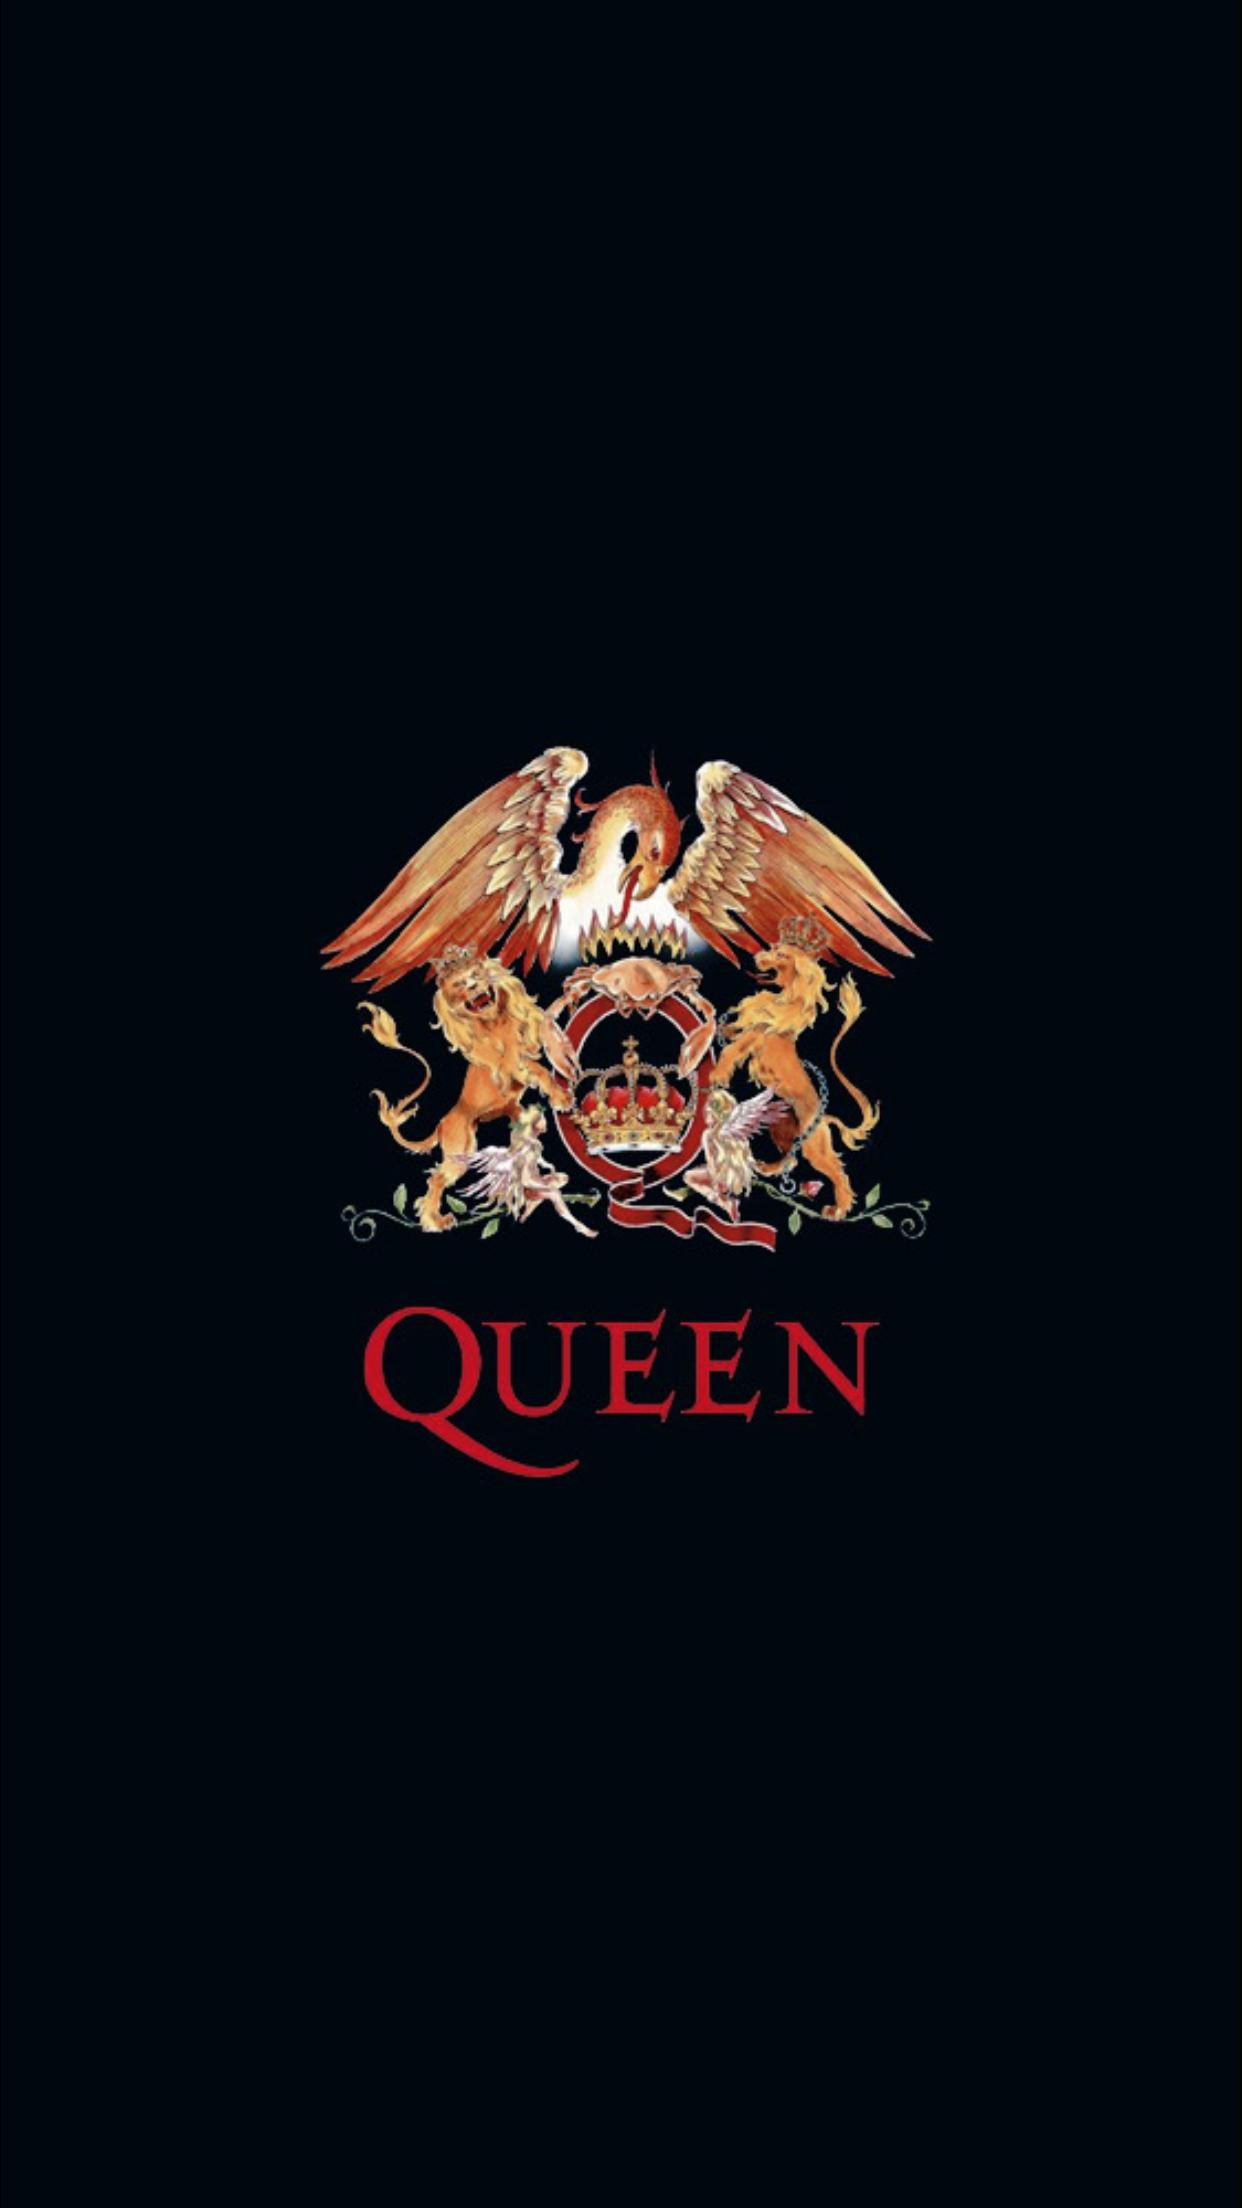 Queen iPhone Wallpapers   Top Queen iPhone Backgrounds 1242x2208